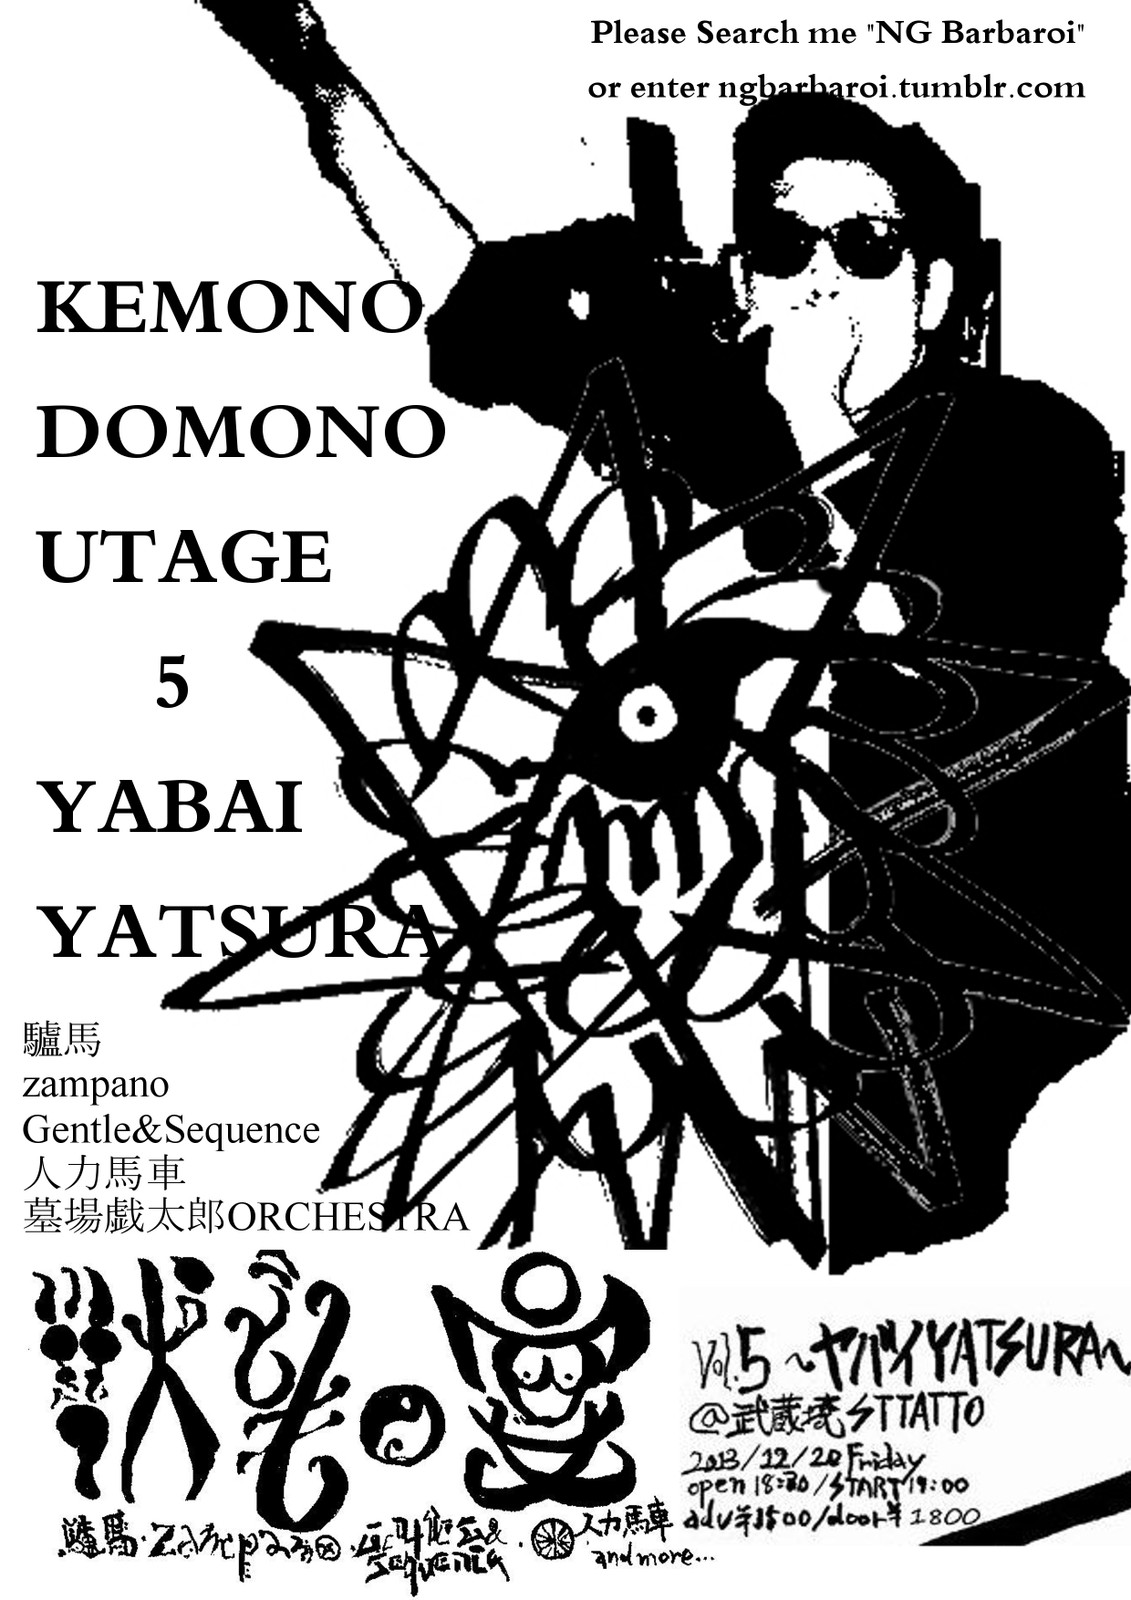 Kemonodomo2_9